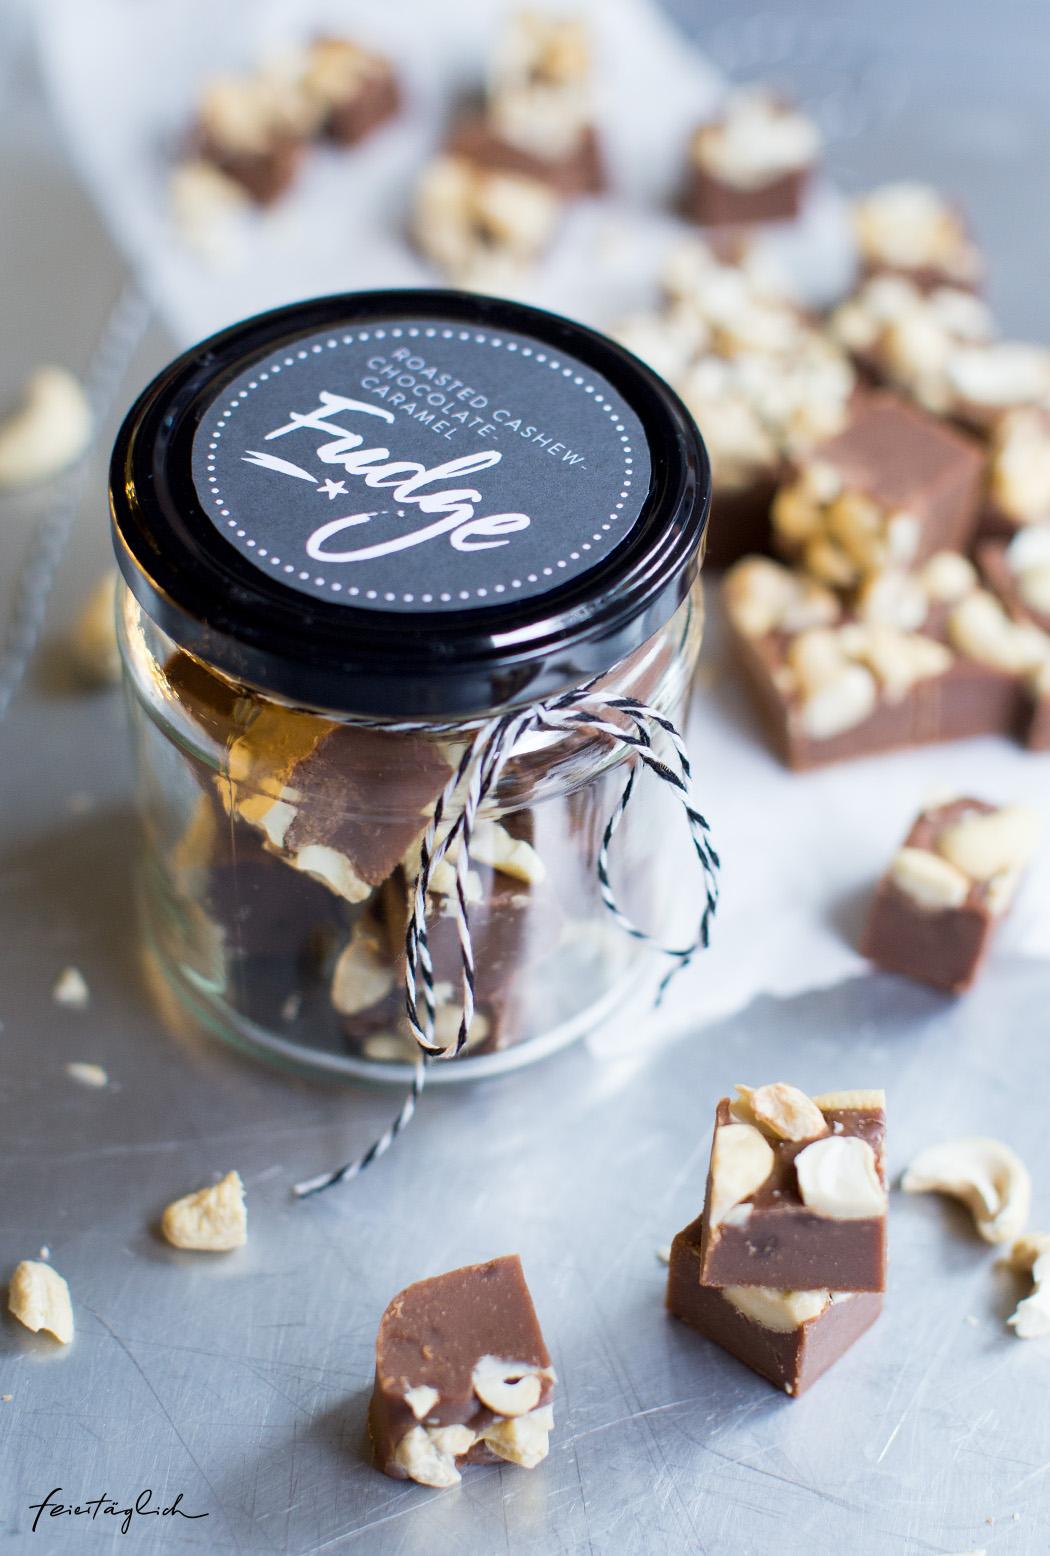 Roasted Cashew-Chocolate-Caramel Fudge oder Schoko-Karamel mit gerösteten Cashewkernen ; Geschenke aus der Küche mit Labels zum Ausdrucken